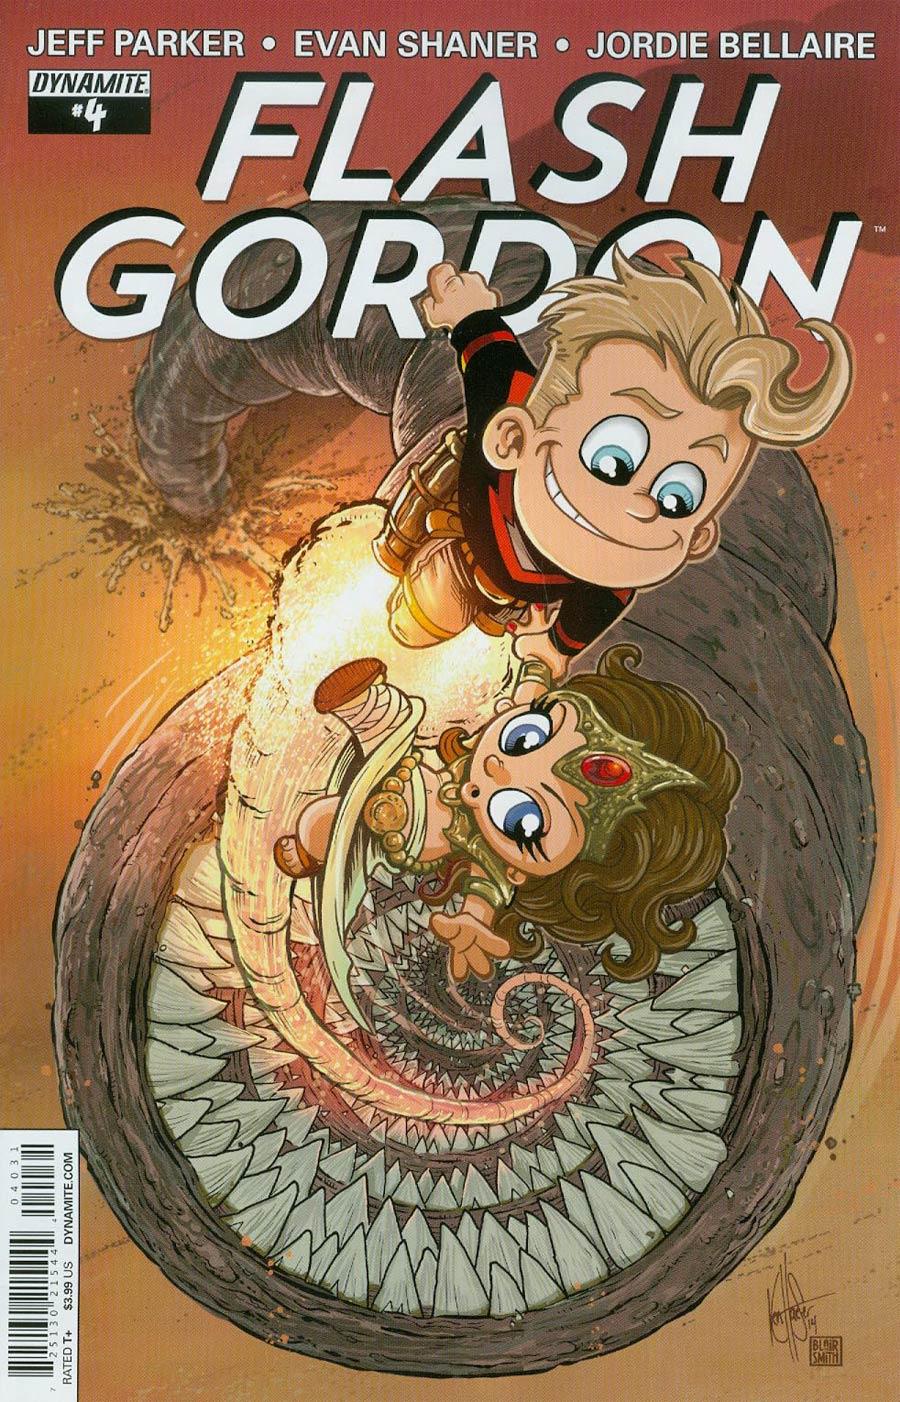 Flash Gordon Vol 7 #4 Cover B Variant Ken Haeser Cute Subscription Cover